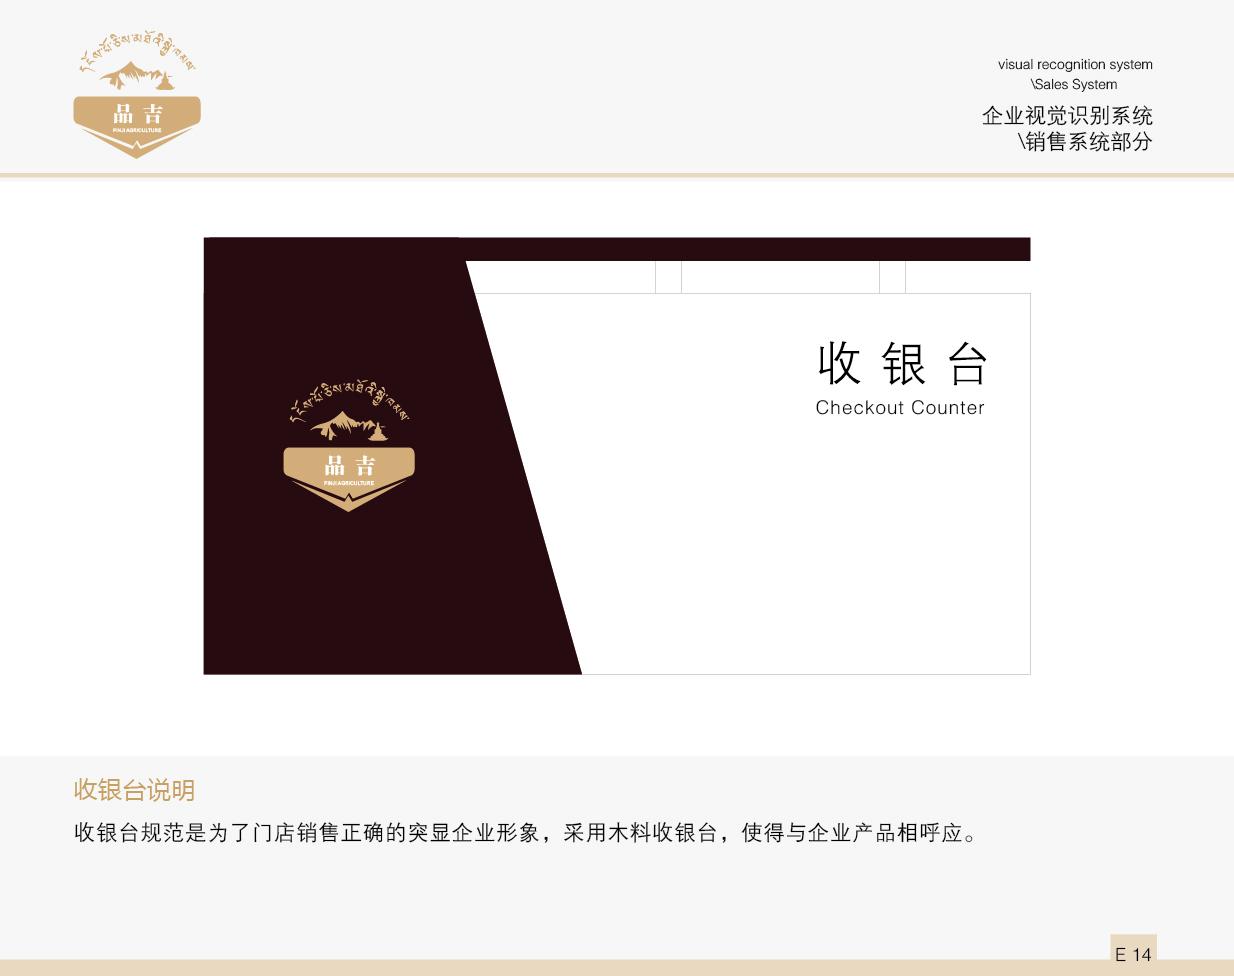 品吉农业VI 销售系统部分  客户资料  第15张